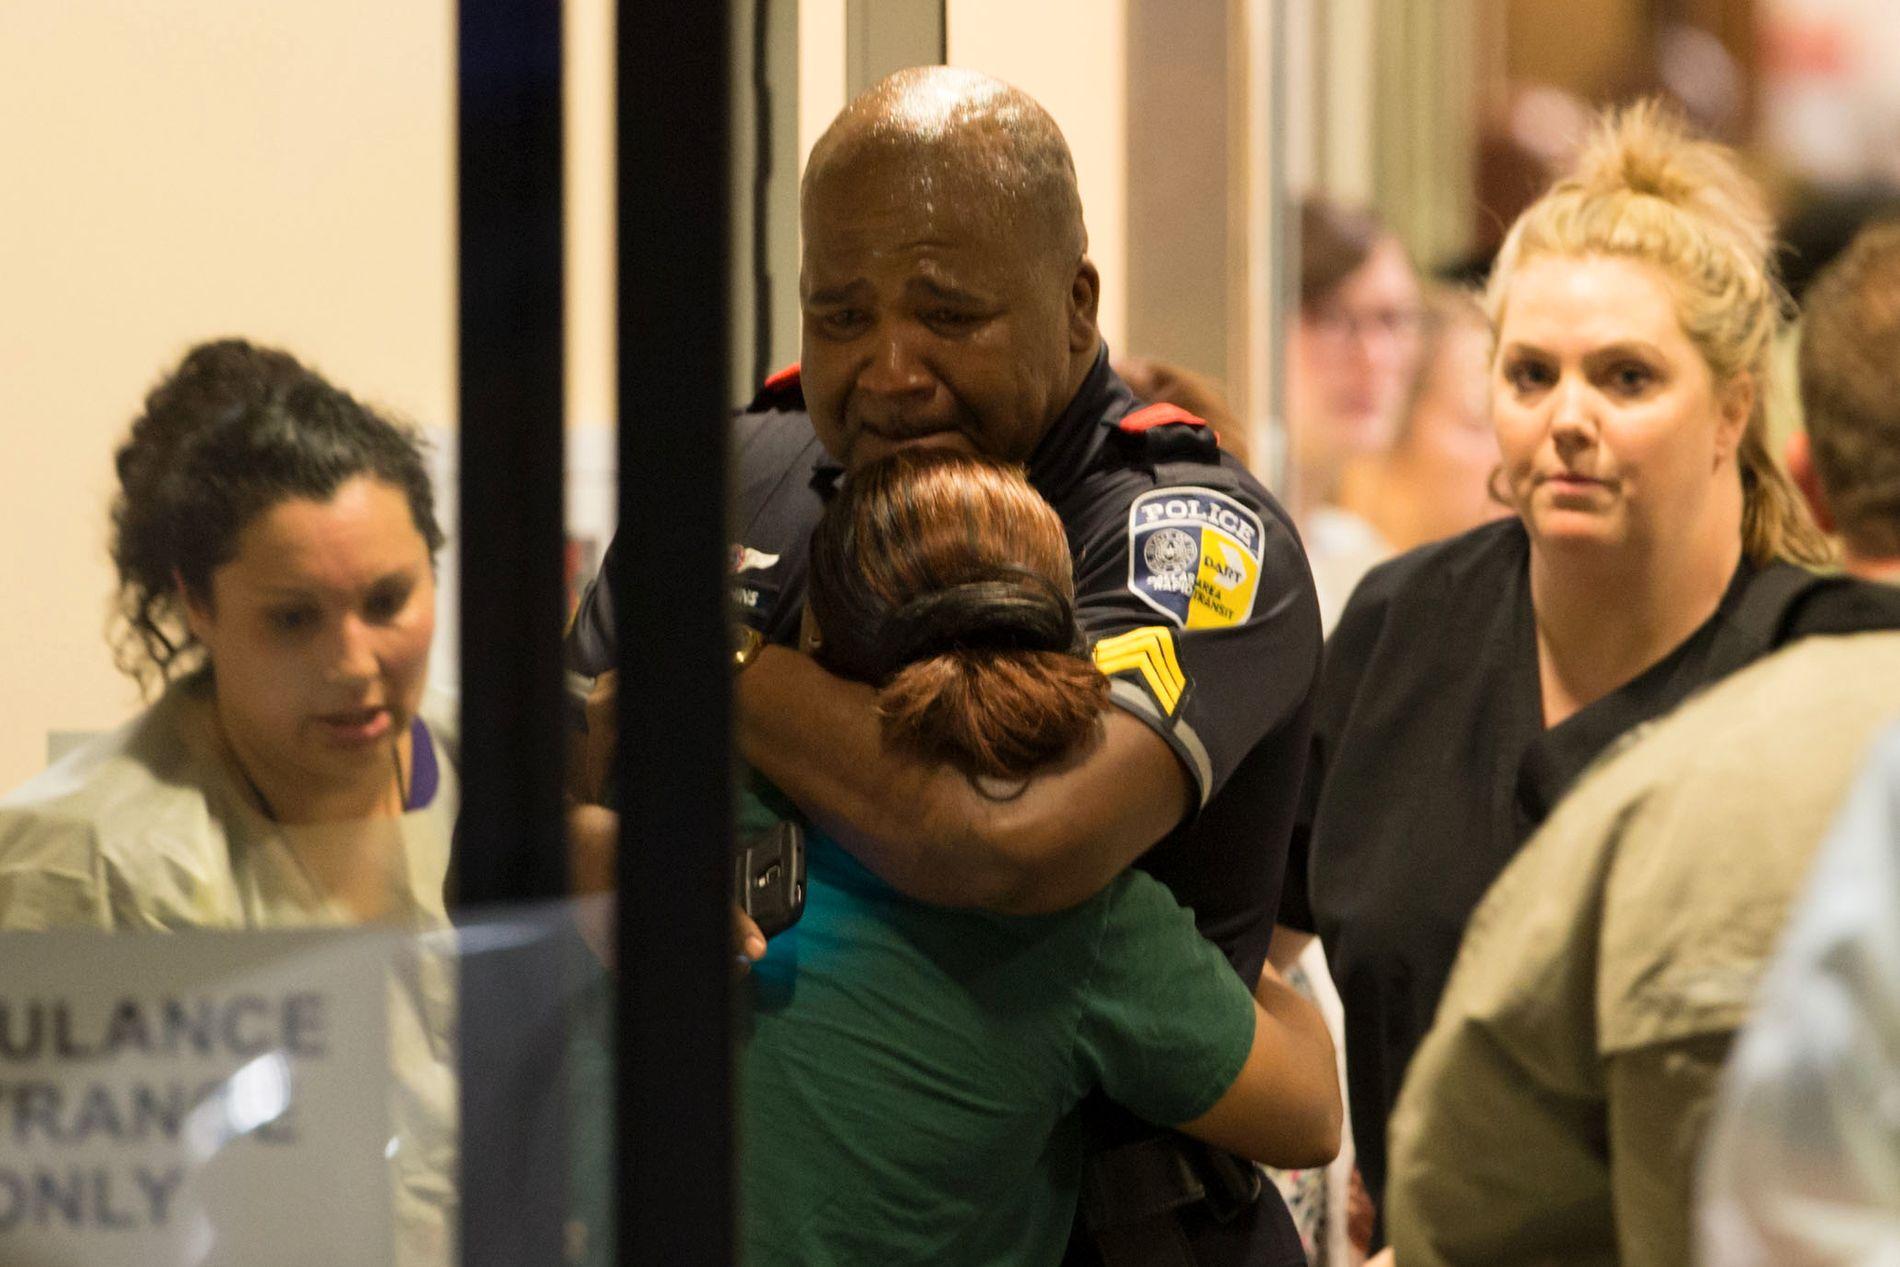 FORTVILET: En politibetjent får trøst på sykehuset etter det dødelige angrepet i Dallas.